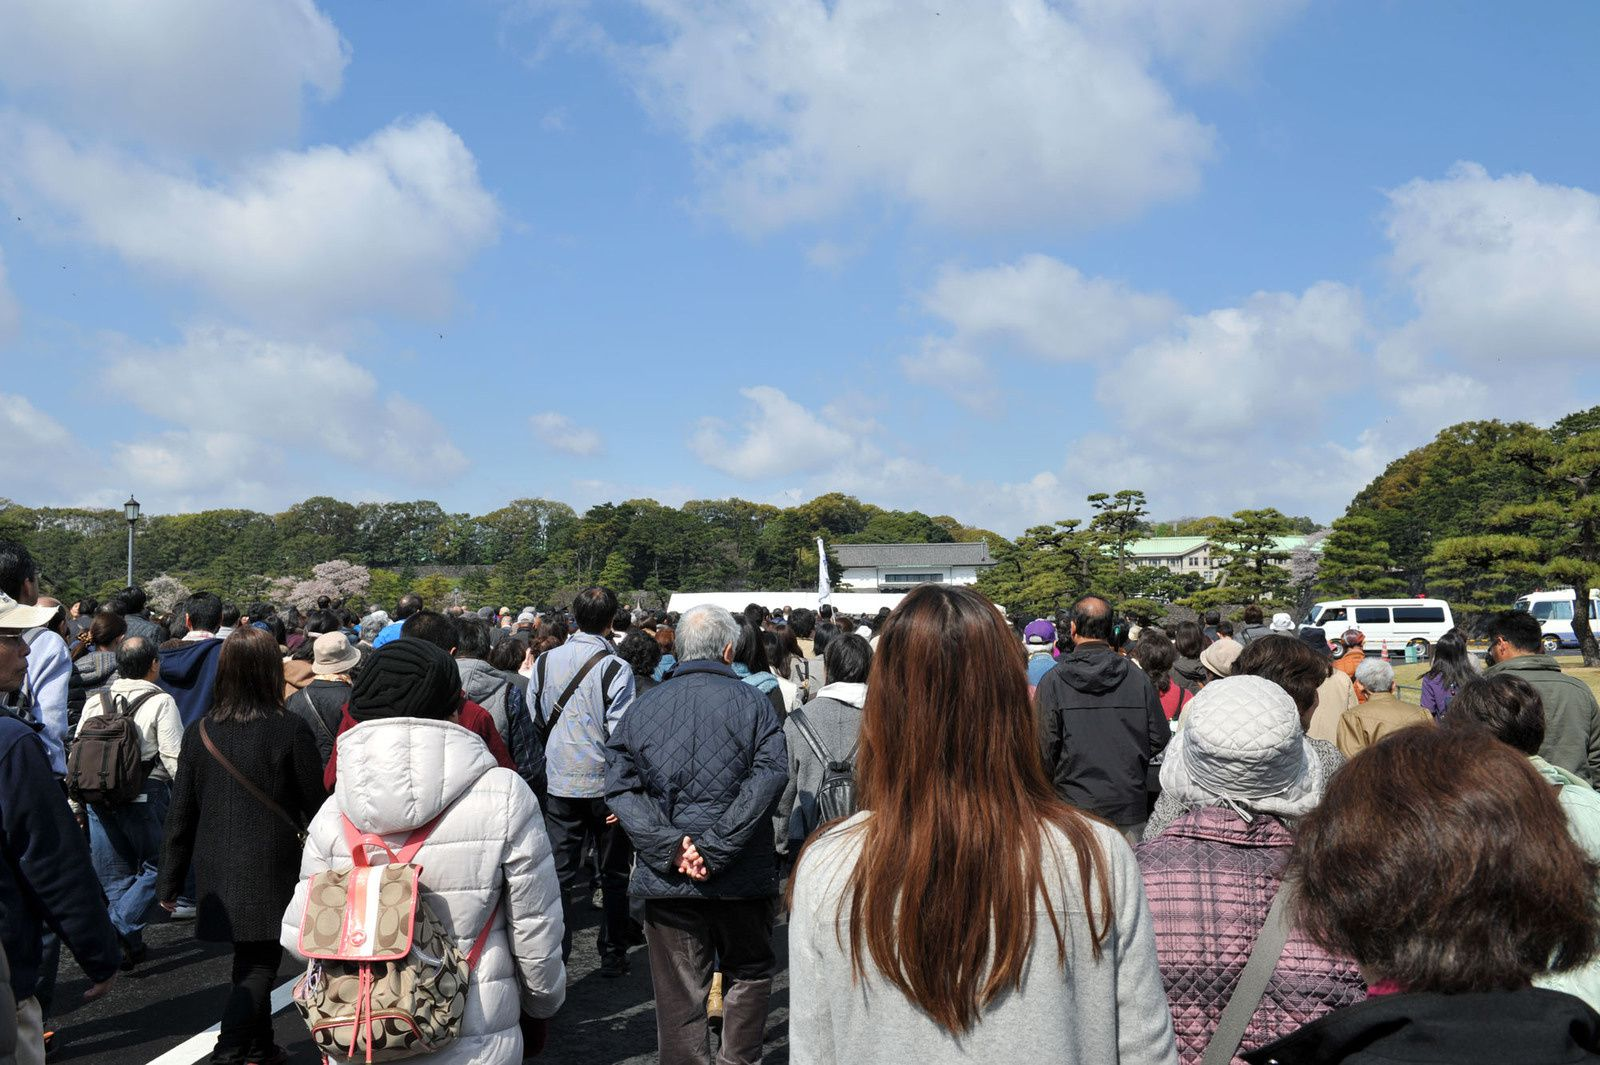 天皇陛下が80歳の傘寿を迎えられたことを記念して皇居・乾通りの一般公開が行われた。訪れた人々は5日間で延べ38万5千人、毎日数万人の人々が朝からおしよせて長蛇の列をつくり、開門とともに坂下門へなだれ込んでいった。期間中は好天で、桜の花も残っていた。